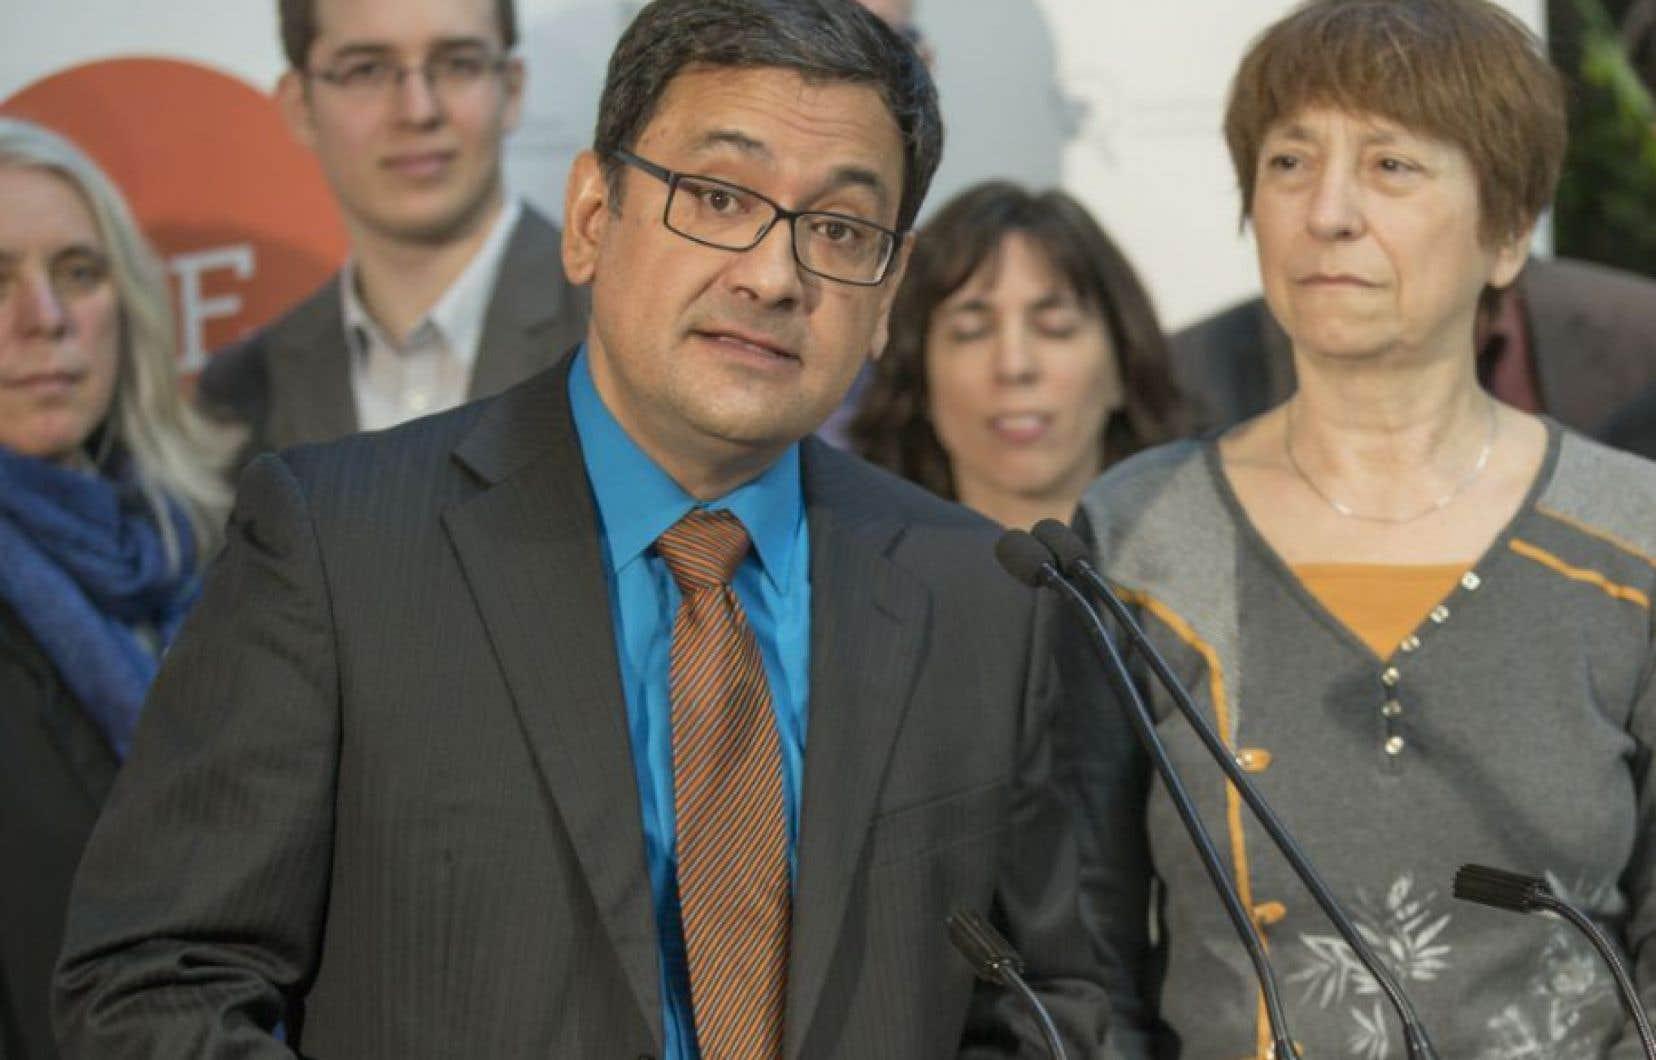 Le président de Québec solidaire, Andres Fontecilla